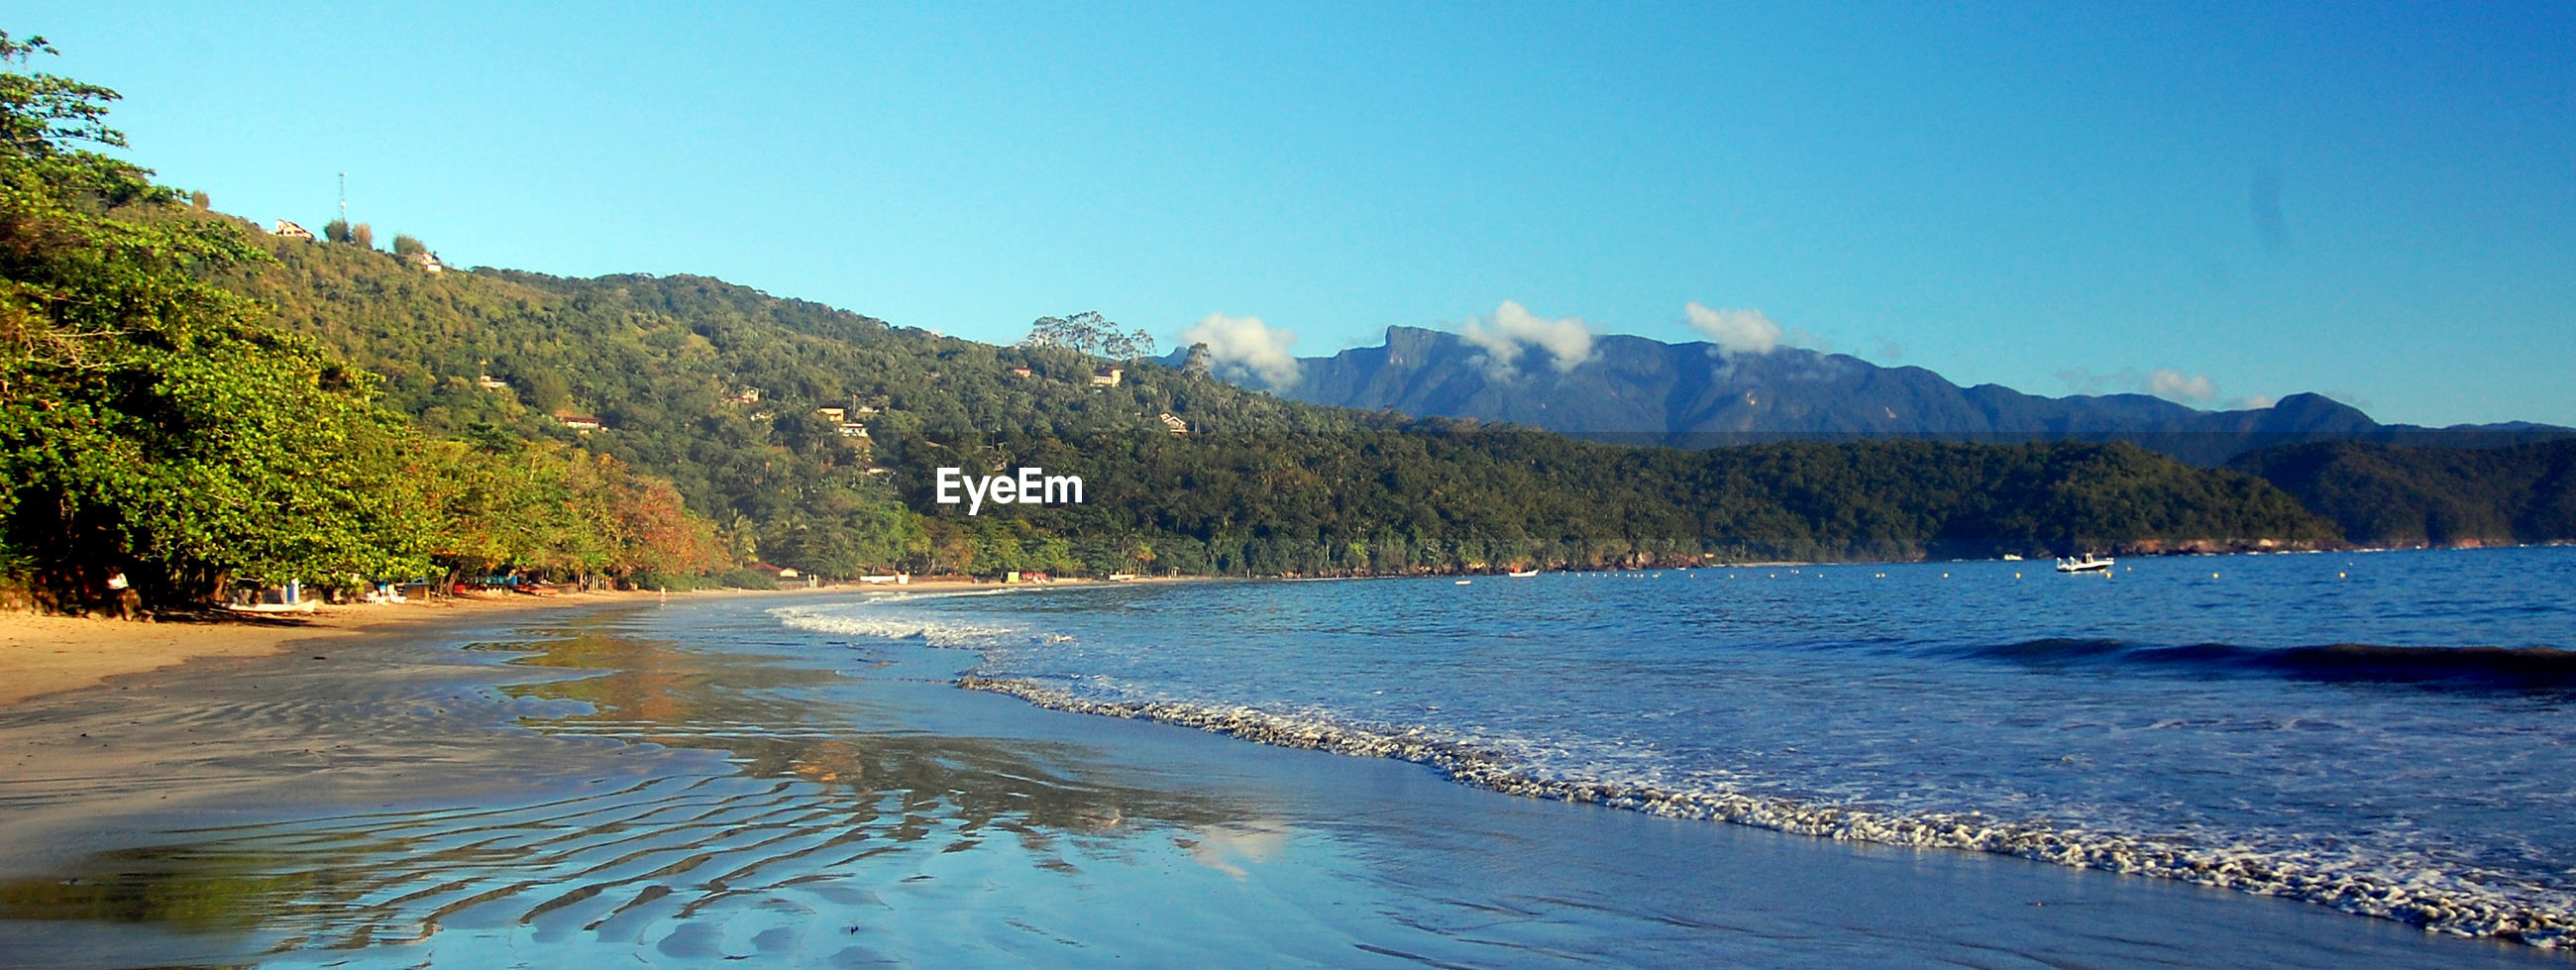 VIEW OF CALM BEACH AGAINST MOUNTAIN RANGE